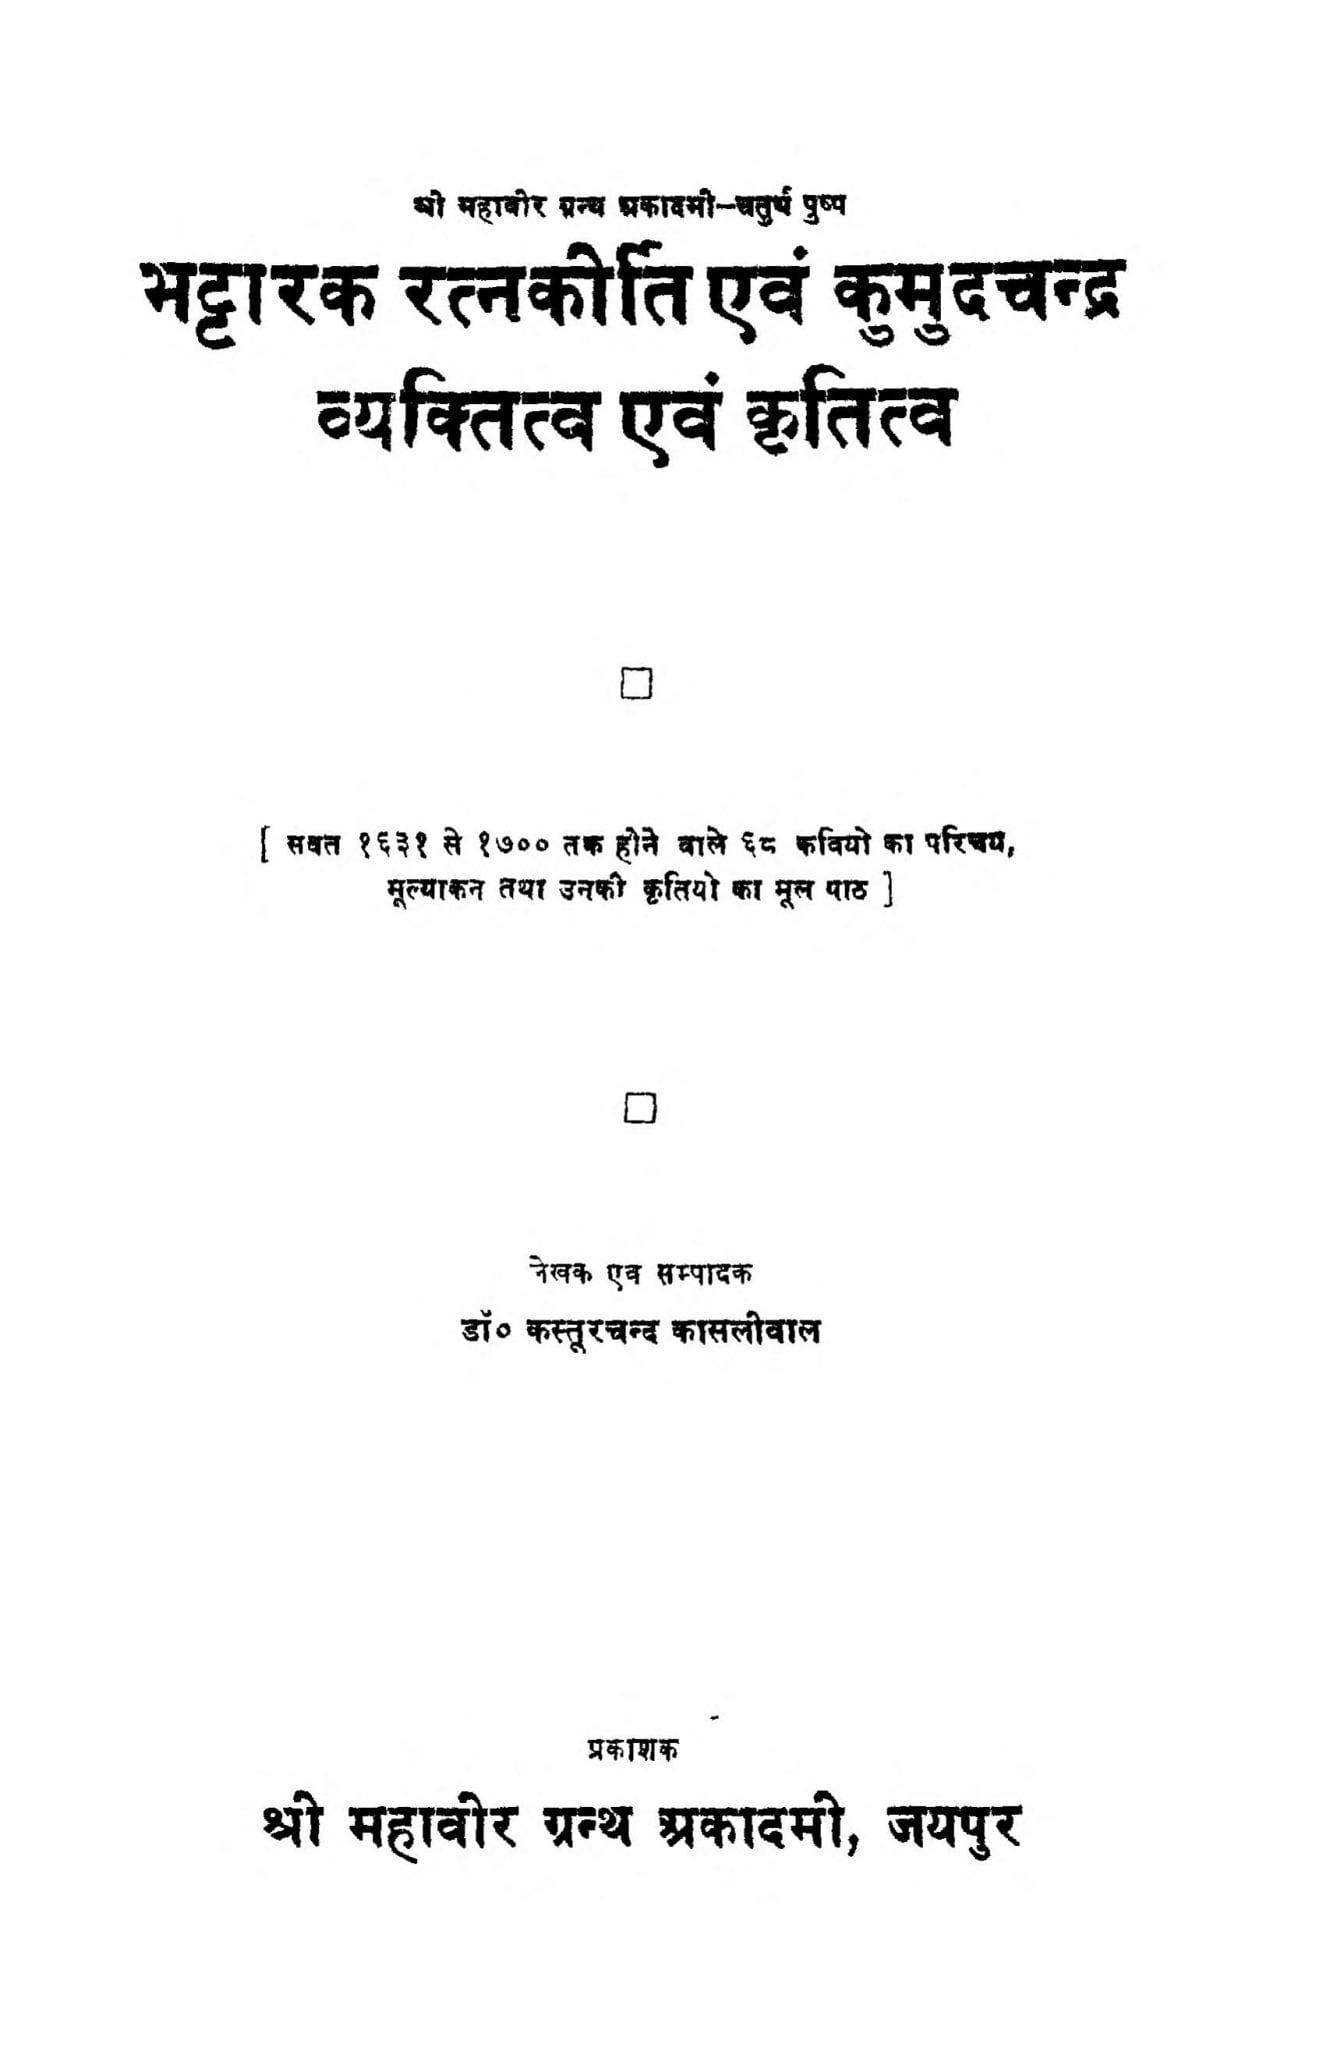 Bhattarak Ratnakirti Evam Kumudchandra Vyaktitv Evam Kratitv by कस्तूरचंद कासलीवाल - Kasturchand Kasleeval